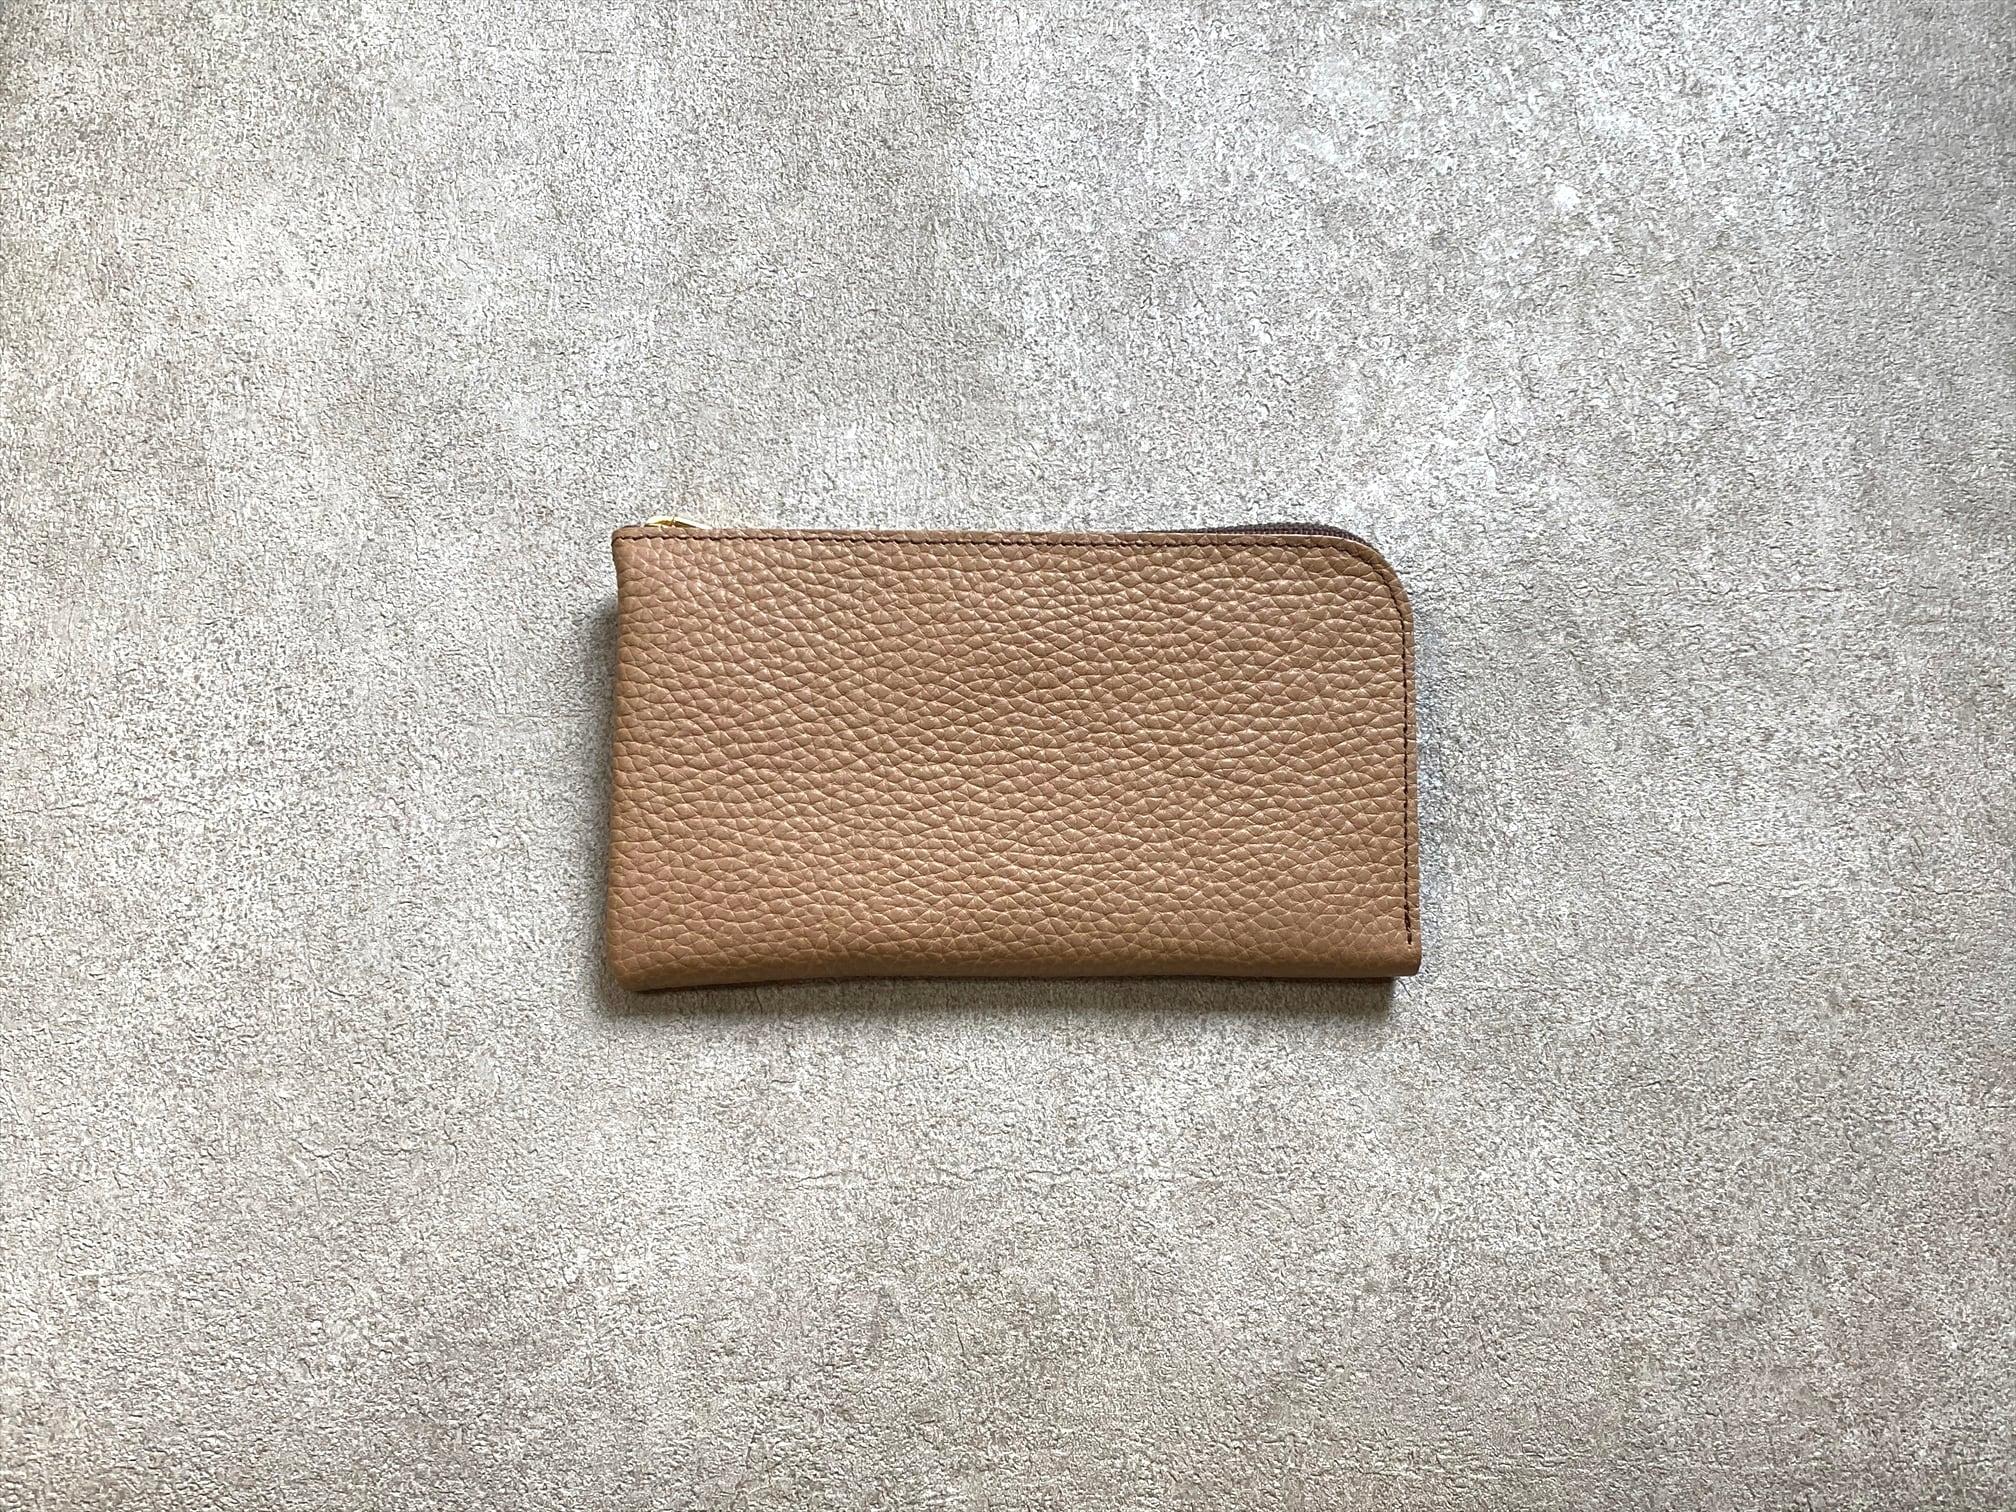 SHOZOウォレット(ソフトシュリンク):キャメル ※「アジア・パシフィック・レザー・フェア2019」革小物部門グランプリ受賞商品